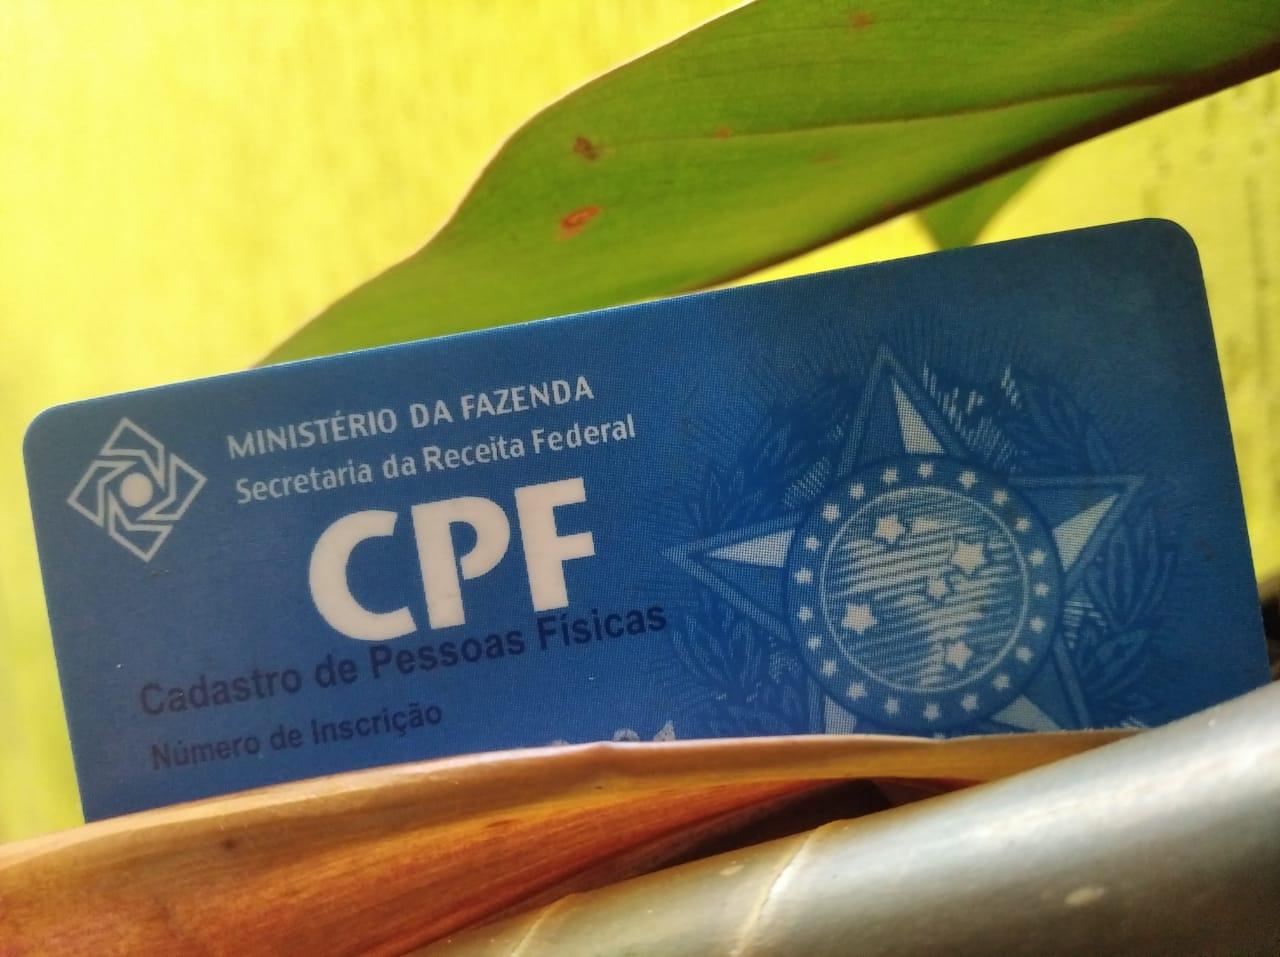 ¿Qué es el CPF brasileño y cómo solicitarlo siendo extranjero?